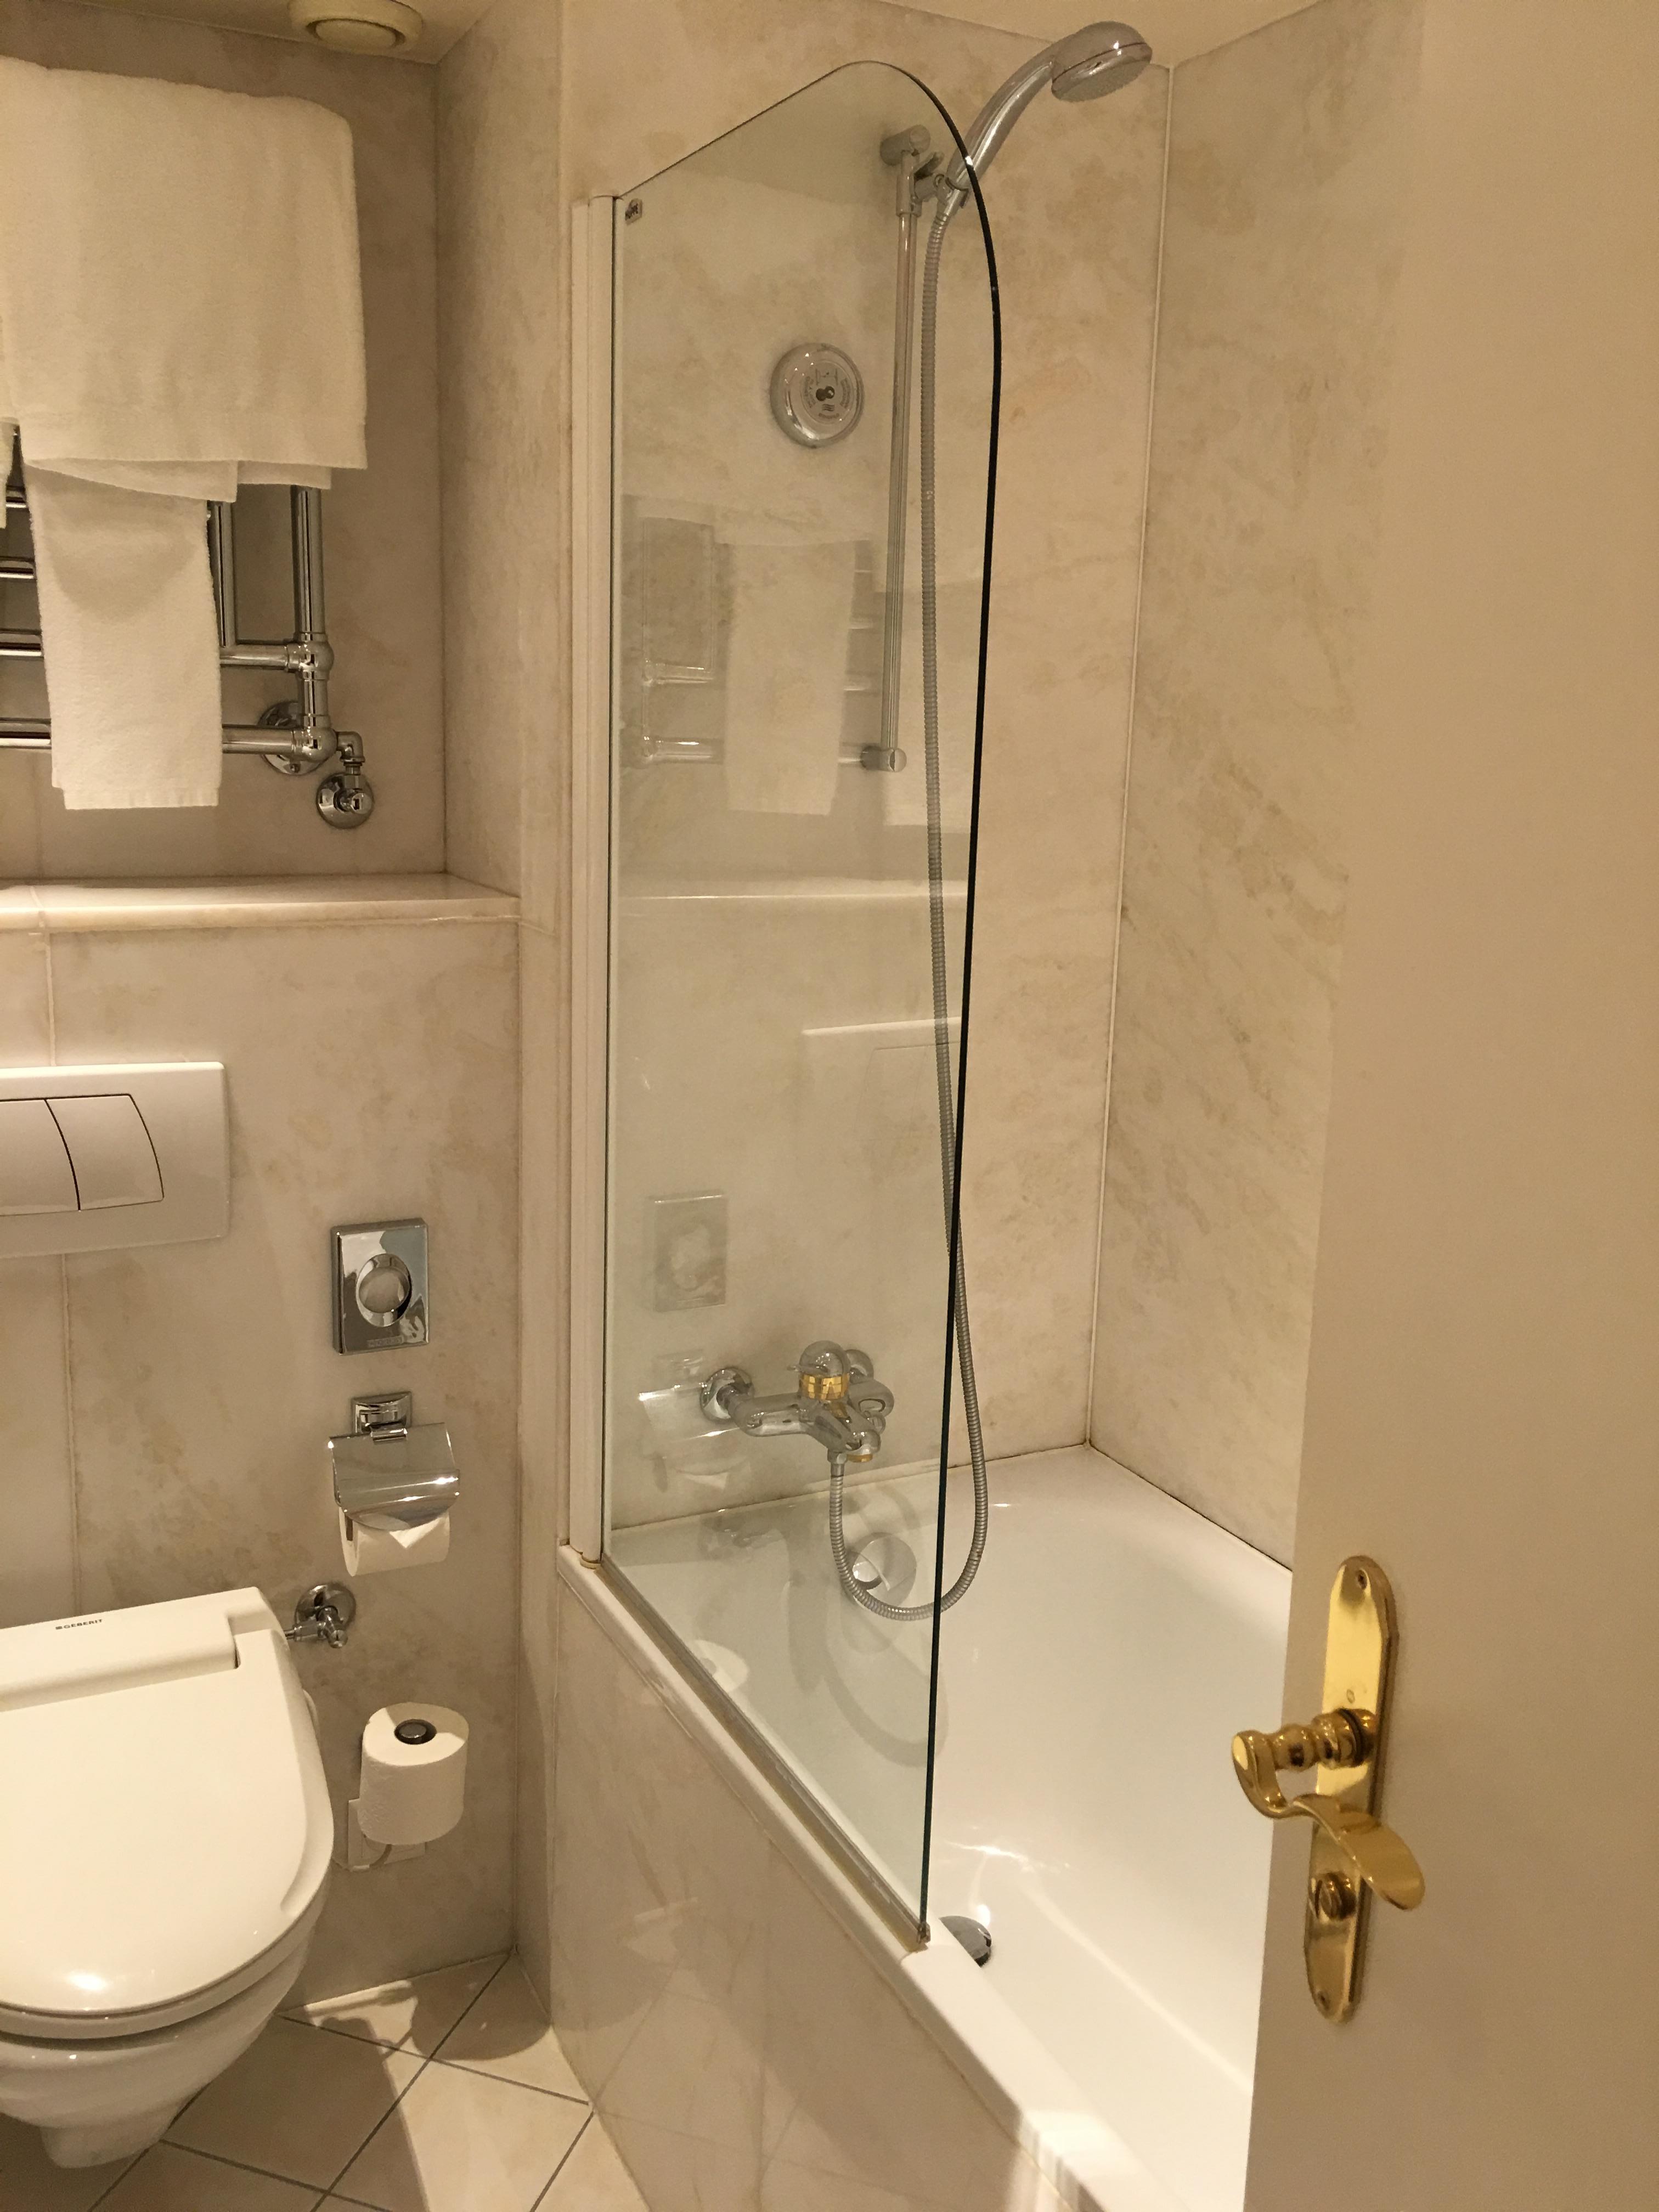 Half shower door not practical. Towel bar above toilet is a dangerous reach from shower. Need hook on back of door.